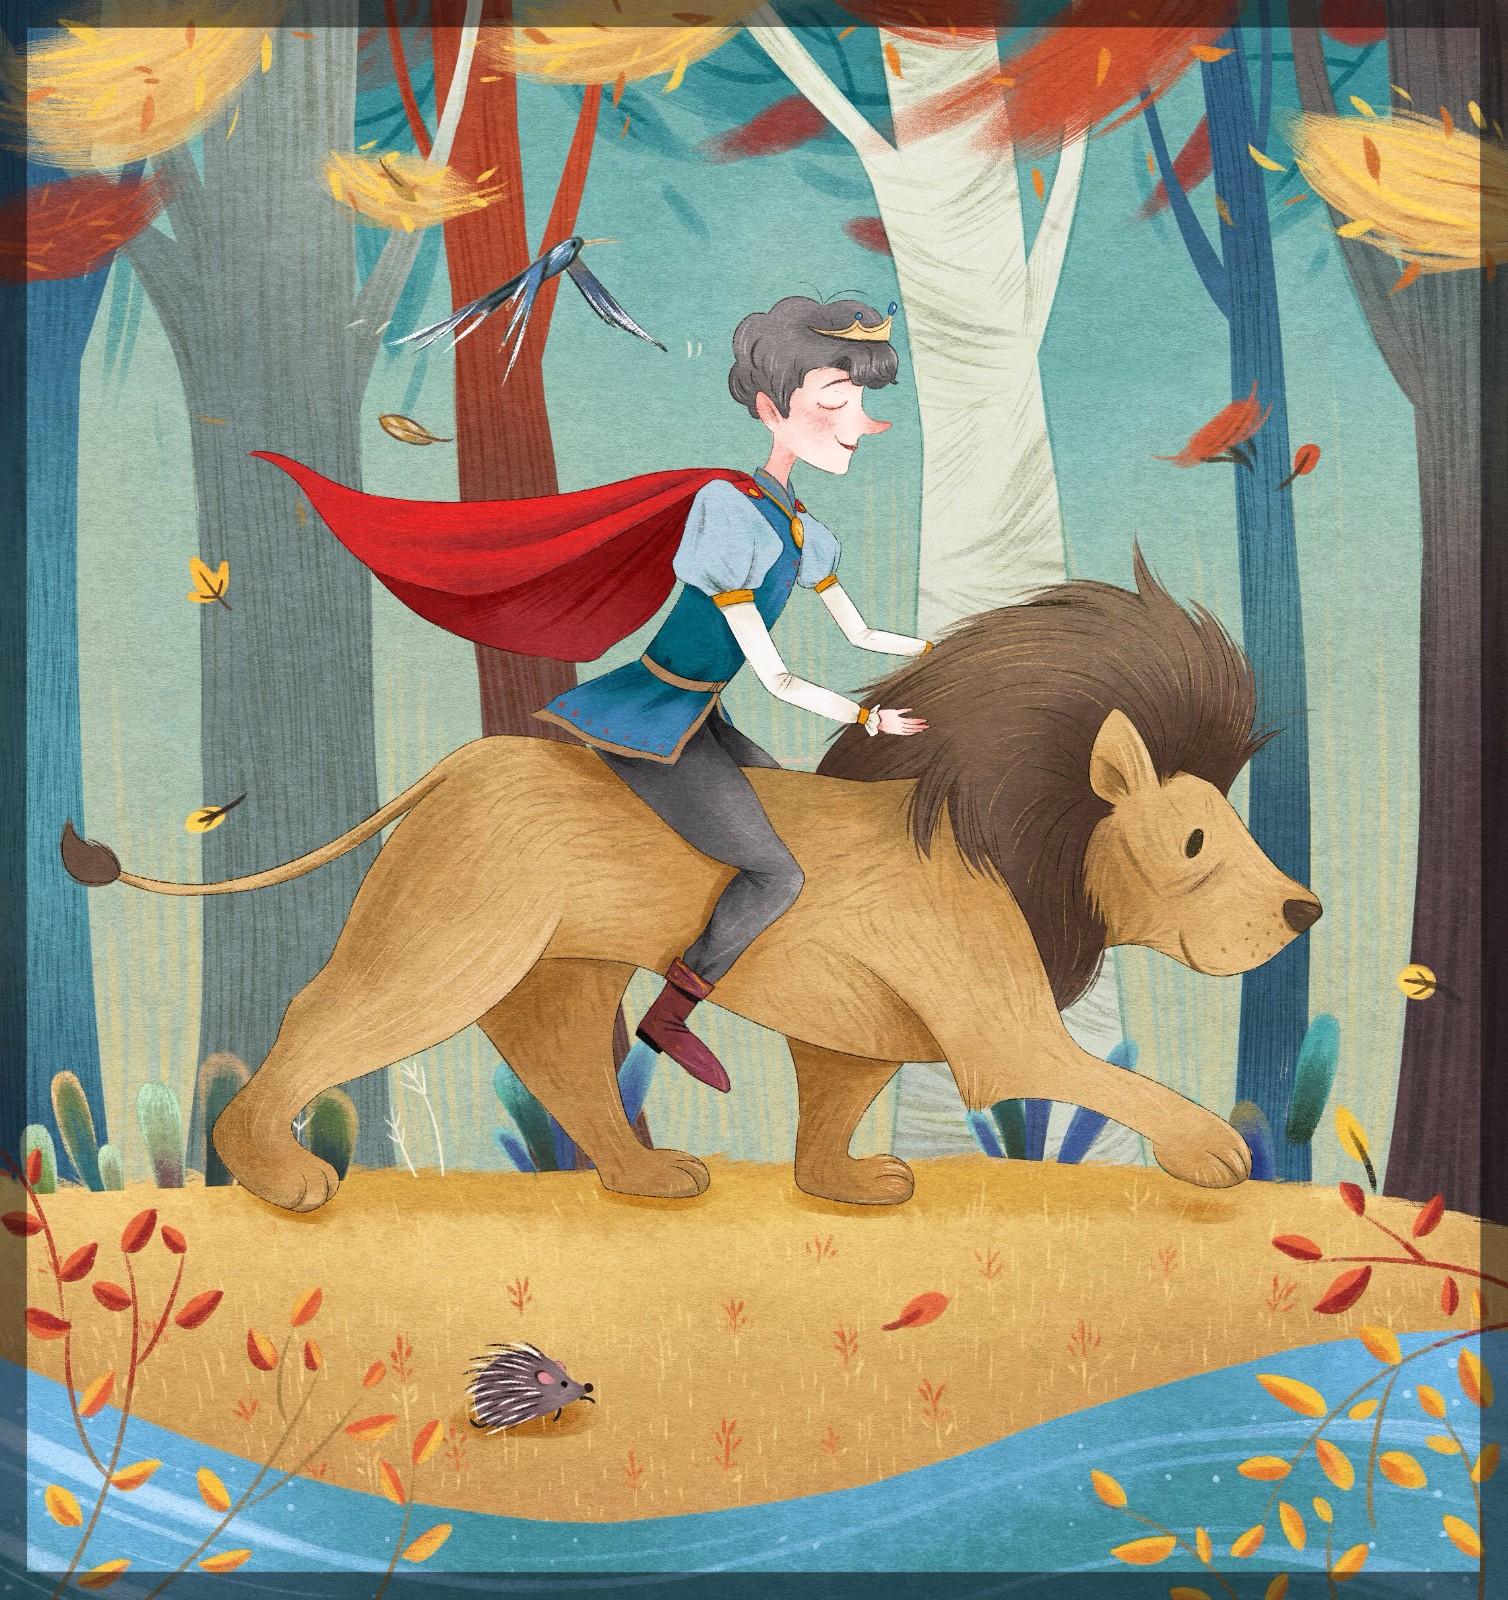 童话故事-儿童启蒙睡前故事